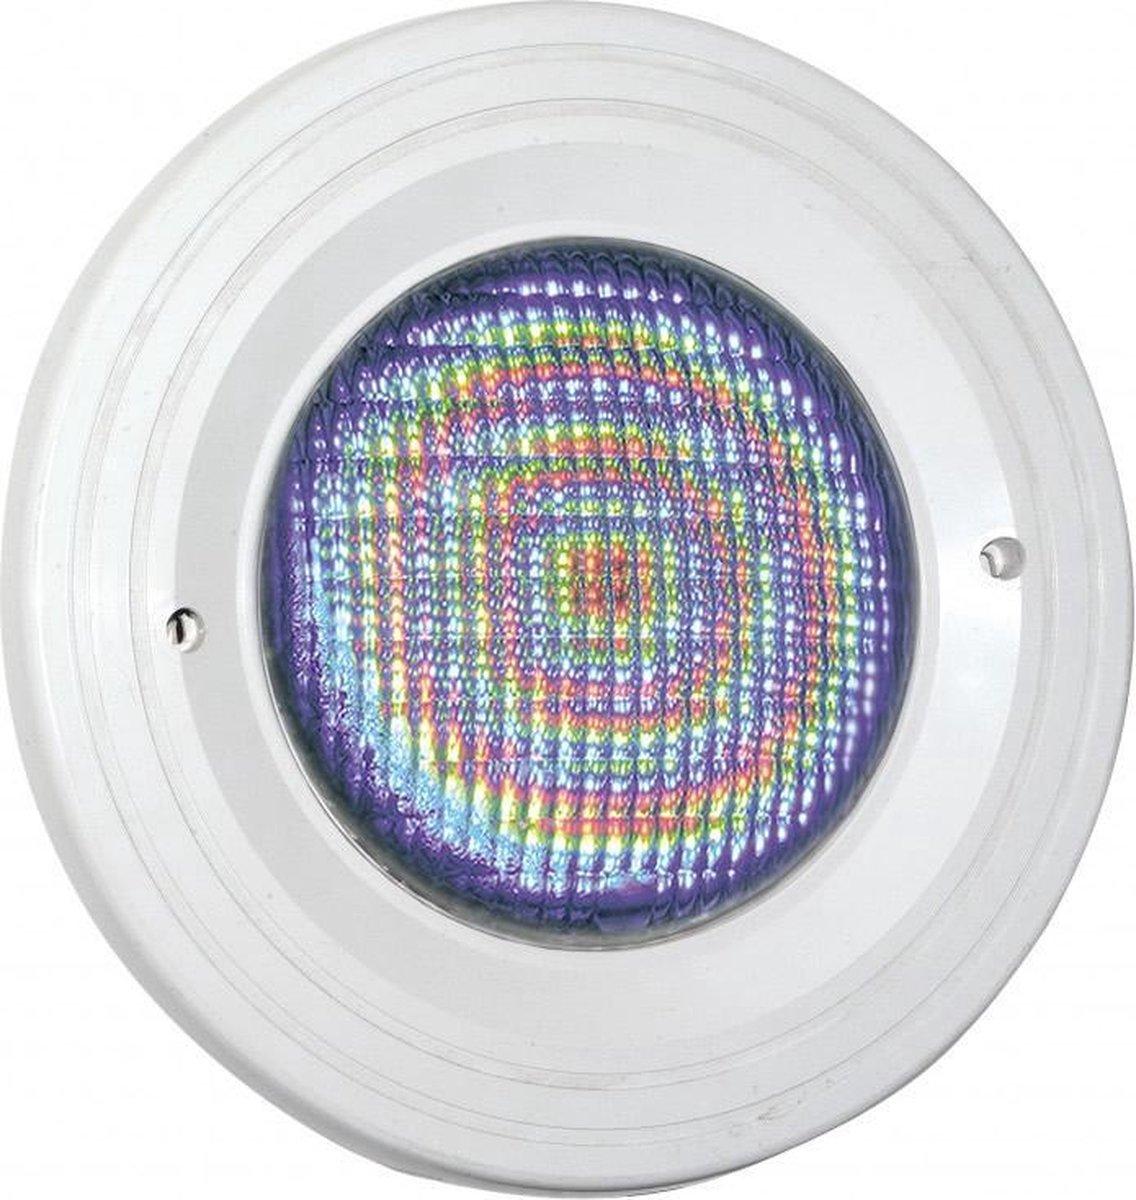 LED zwembadlamp